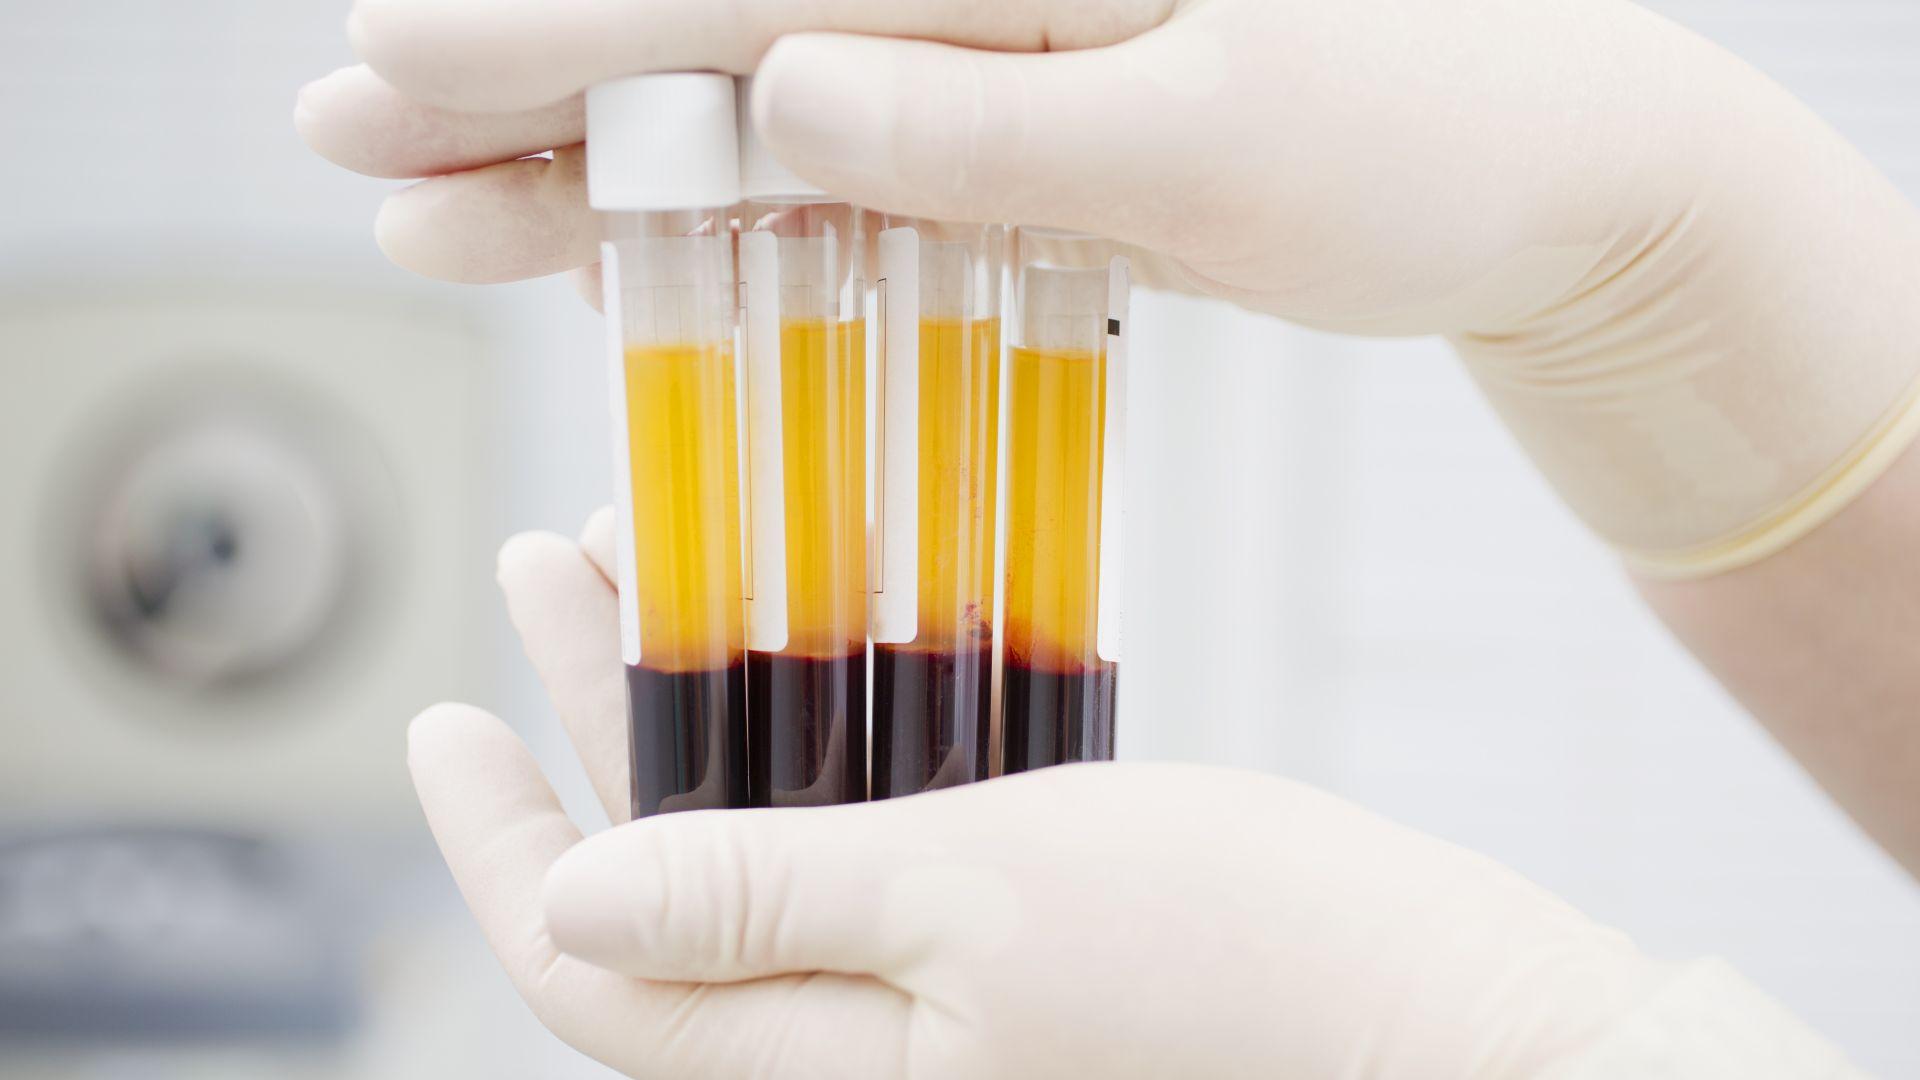 Учени откриха връзка между лечението с плазма и мутации на коронавируса